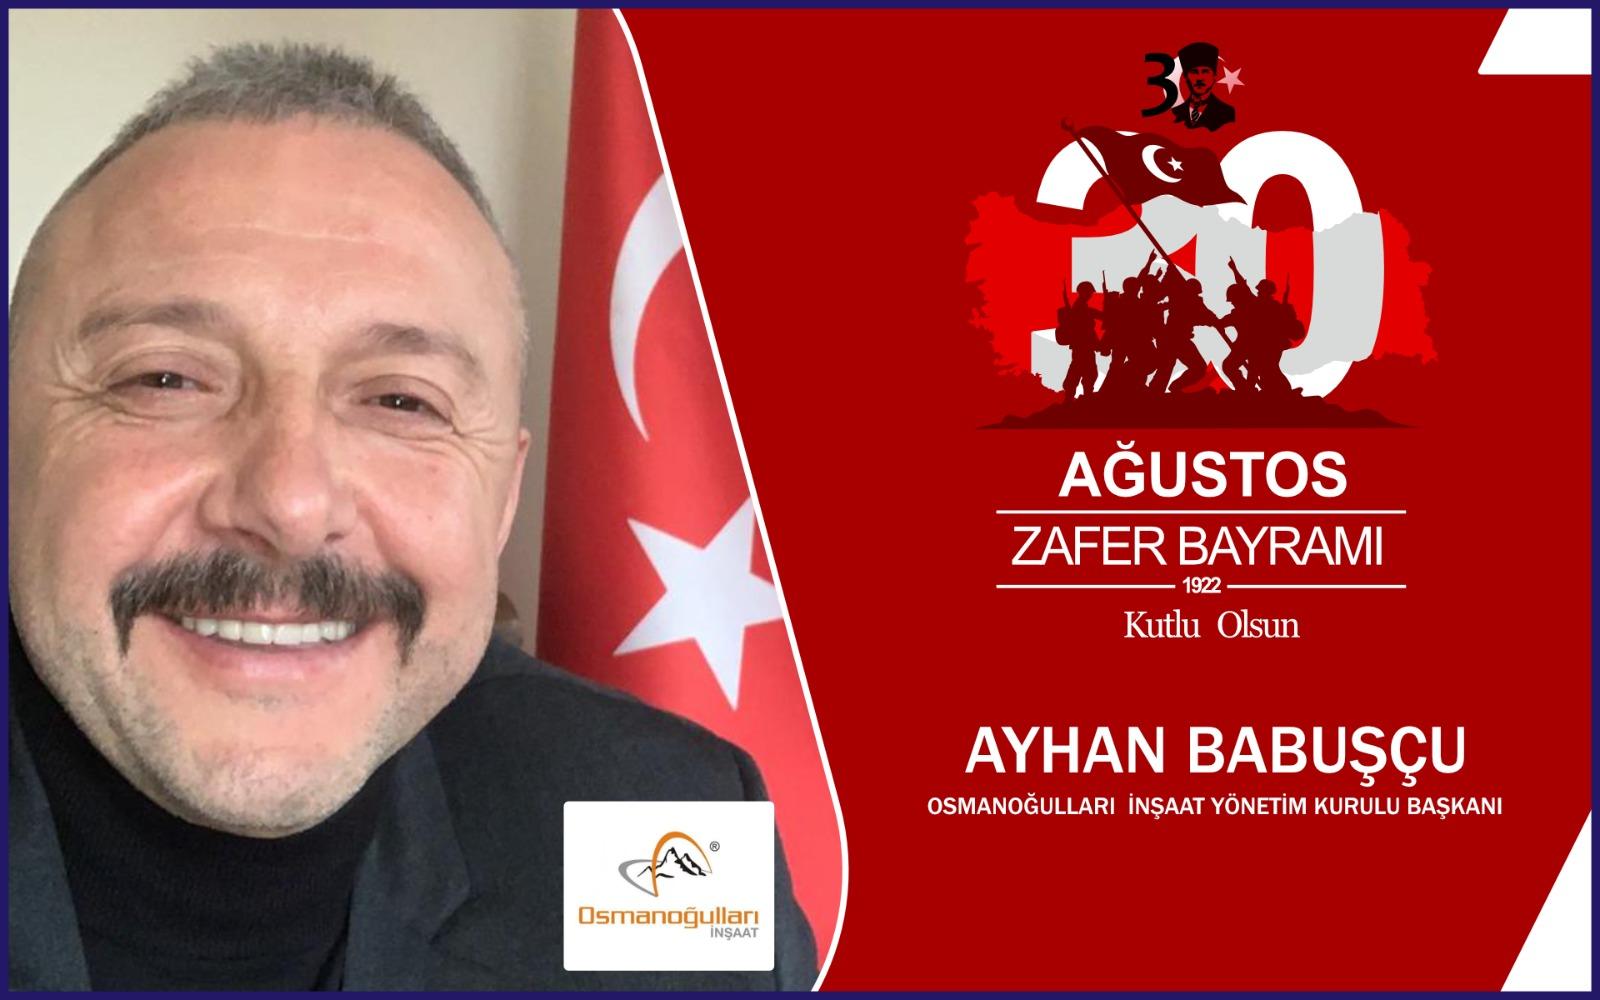 Ayhan Babuşcu'dan Kutlama Mesajı